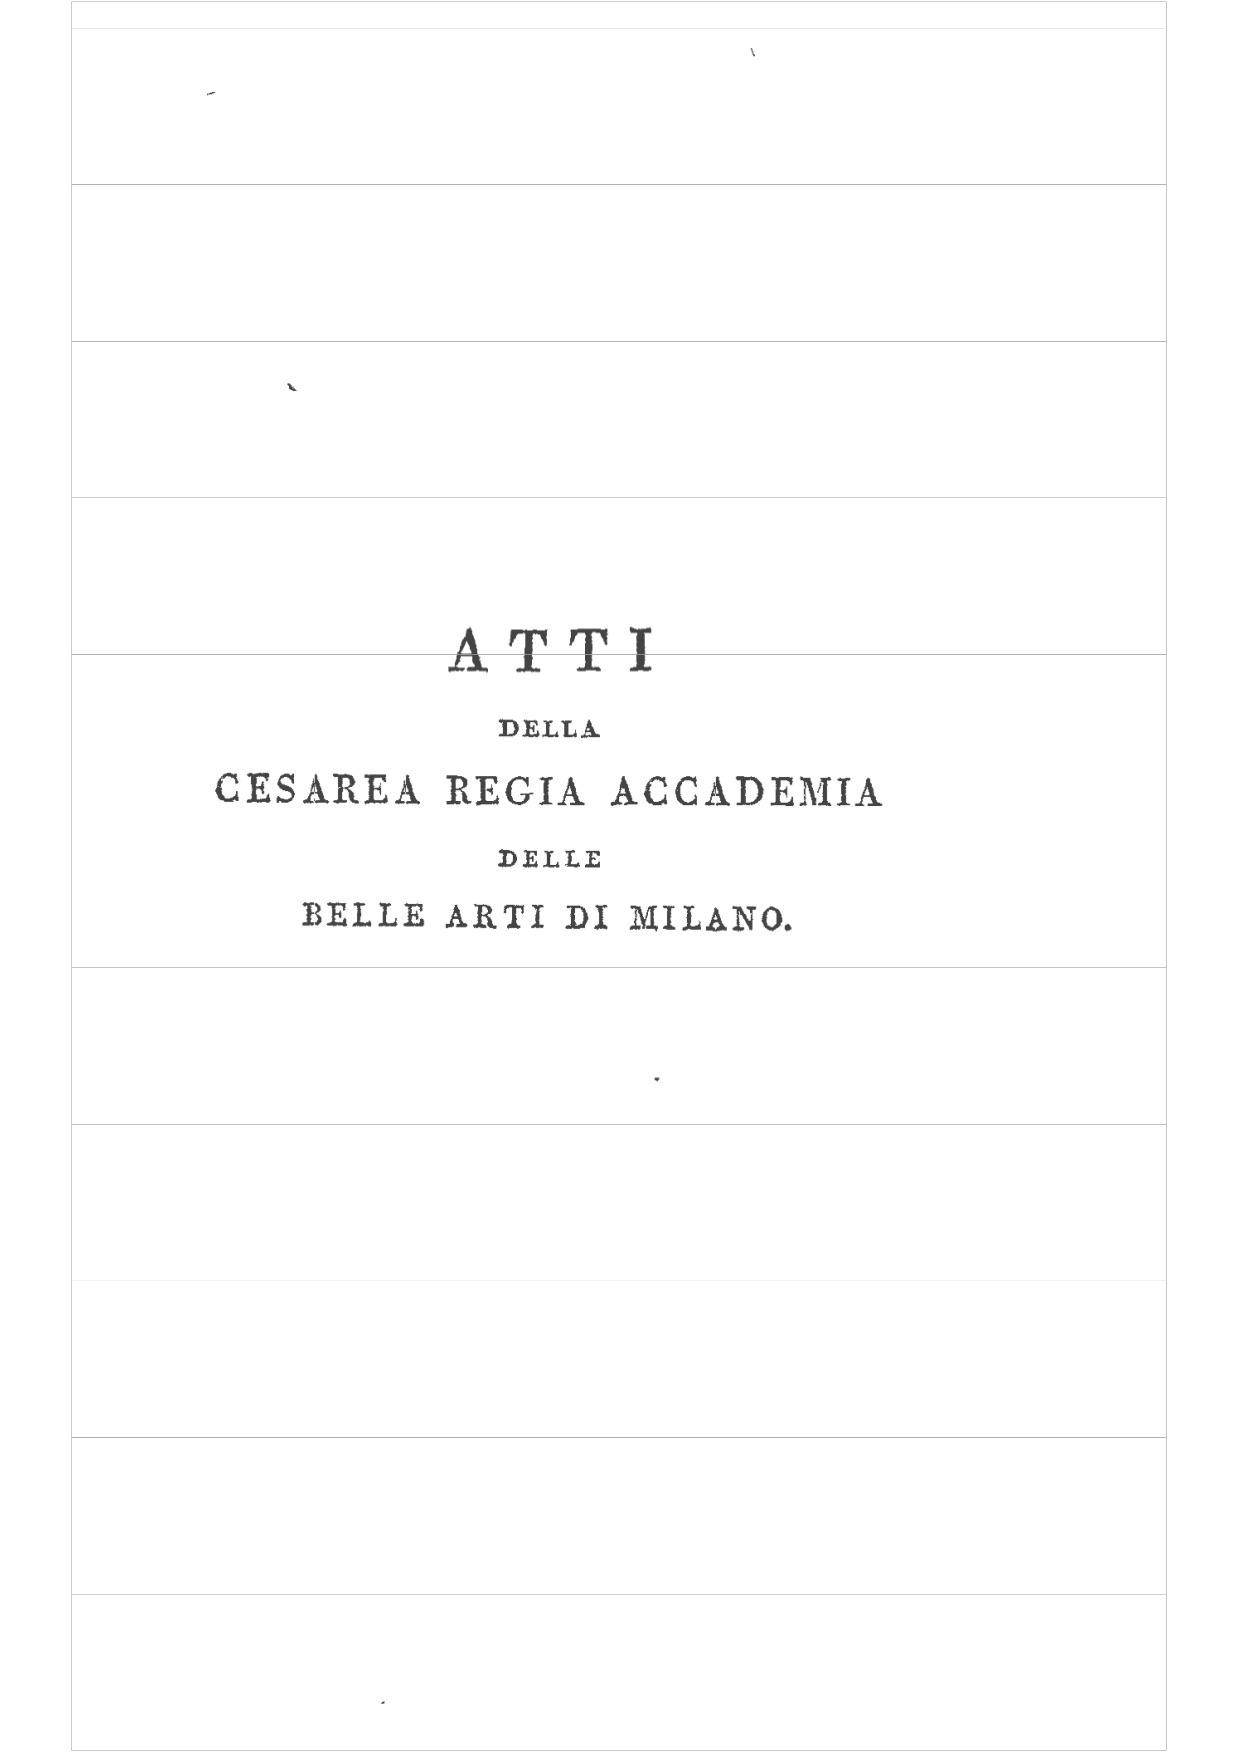 1815_Atti_Brera_FR